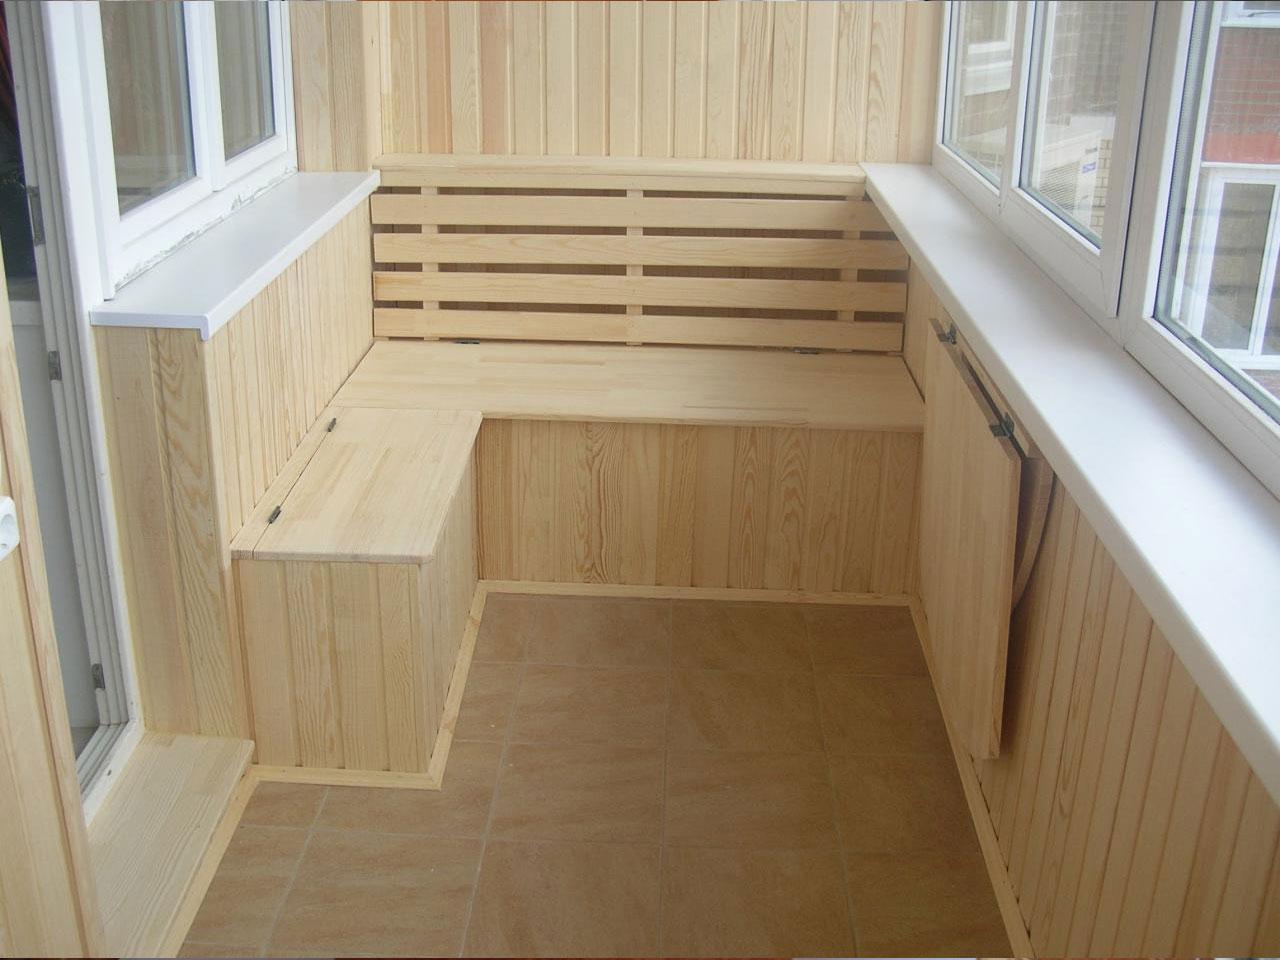 Чем отделать балкон внутри: пластиковые панели и вагонка сво.